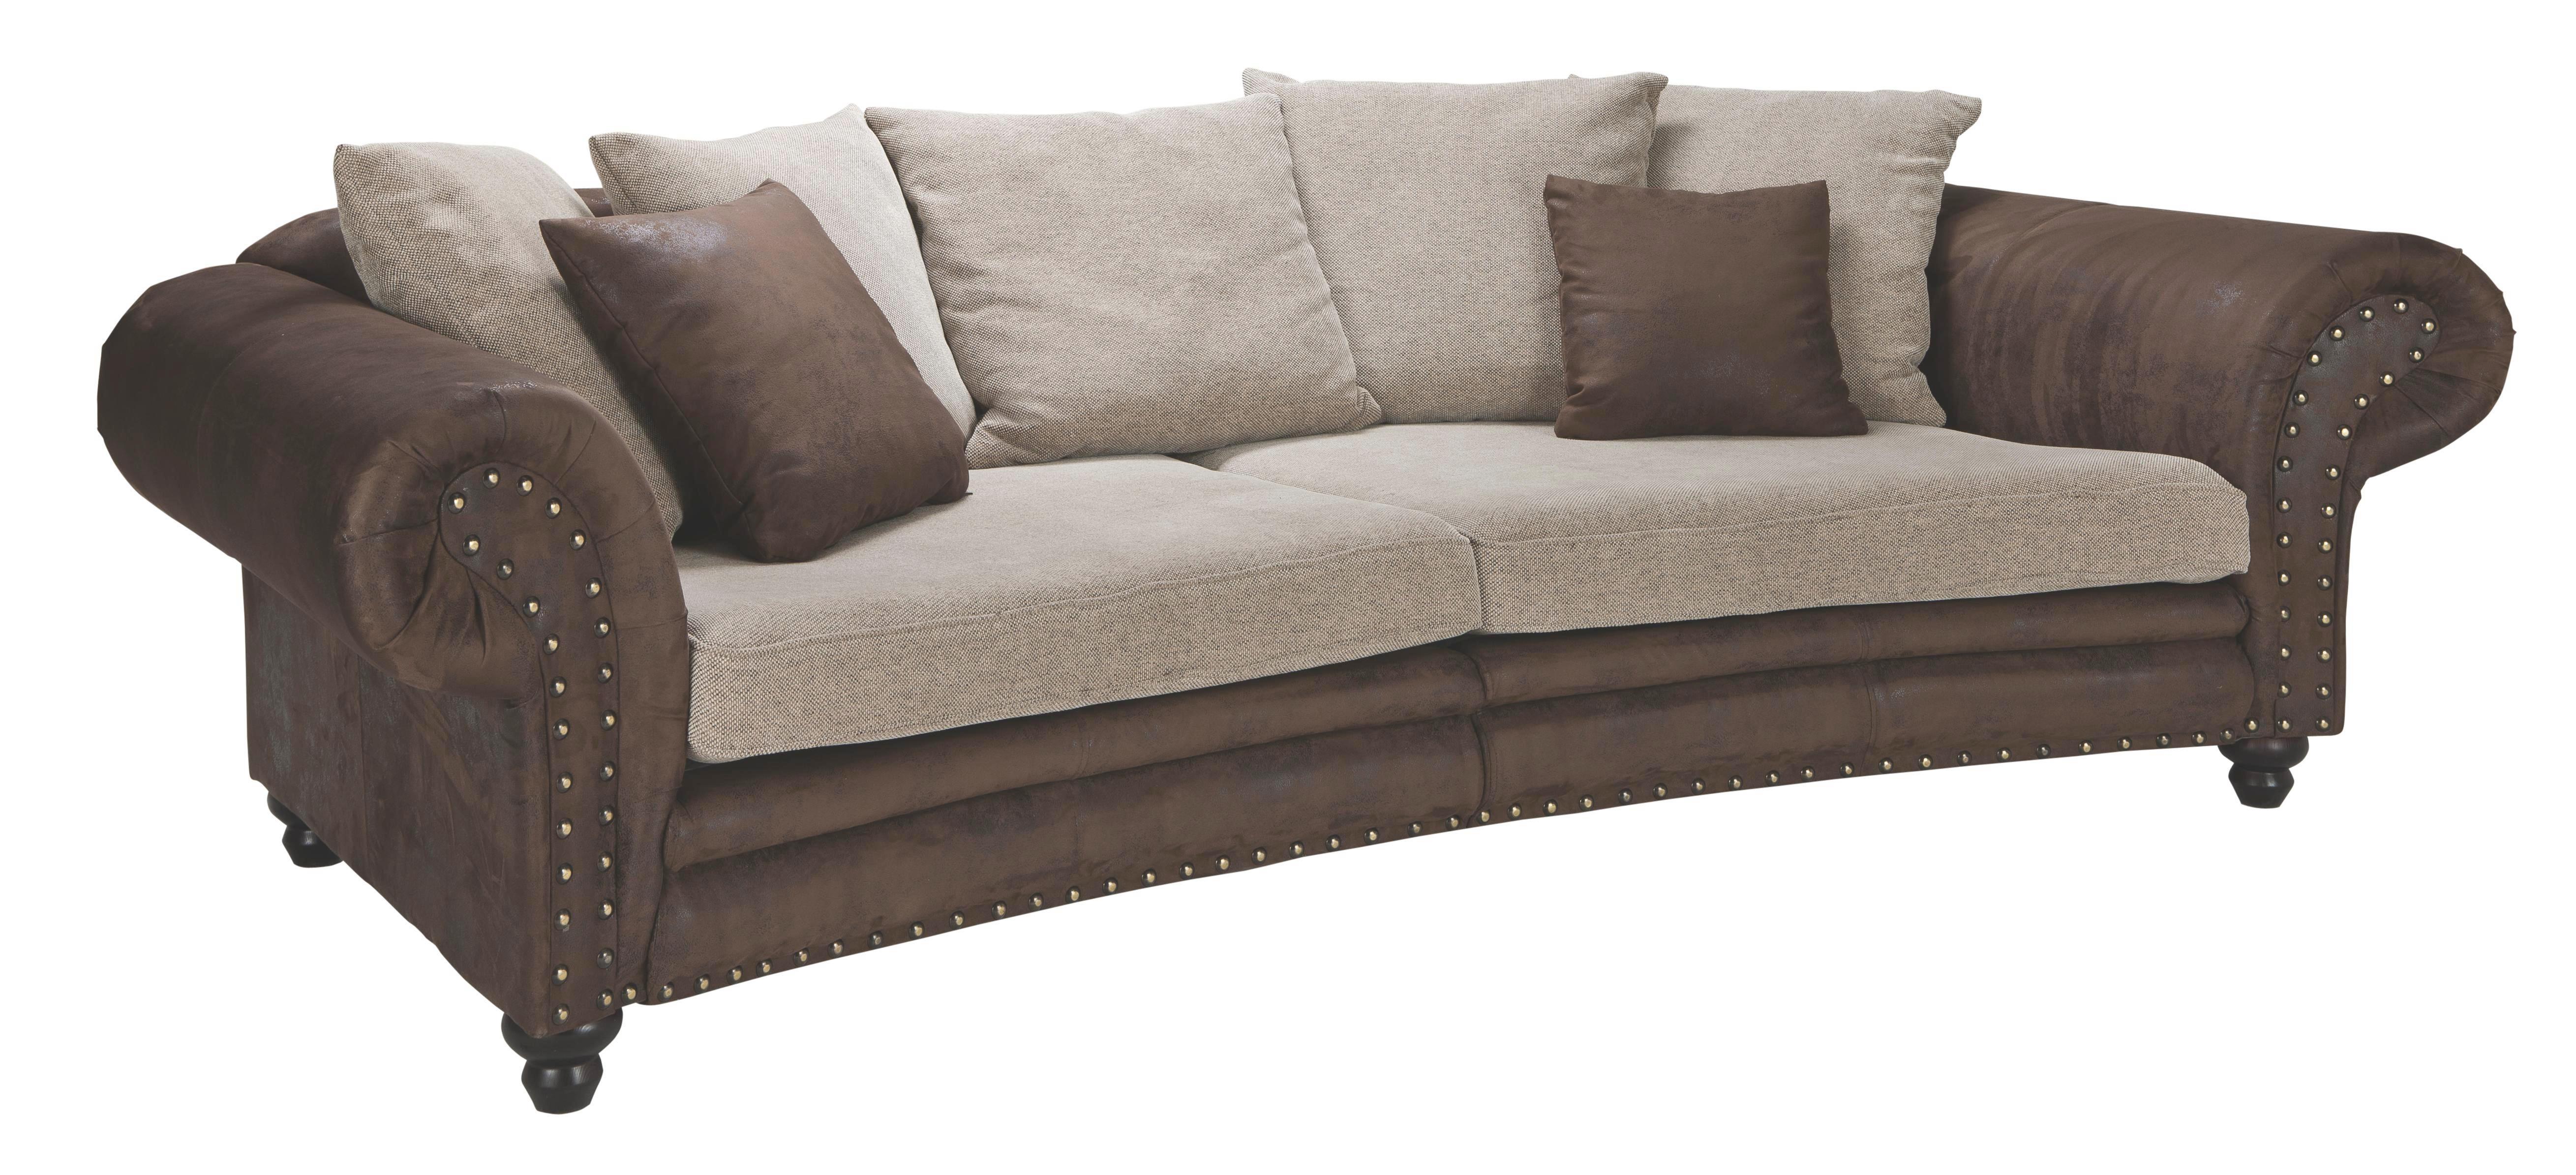 SOFA in Beige, Braun Textil - Beige/Braun, LIFESTYLE, Holz/Textil (276/81/140cm) - LANDSCAPE